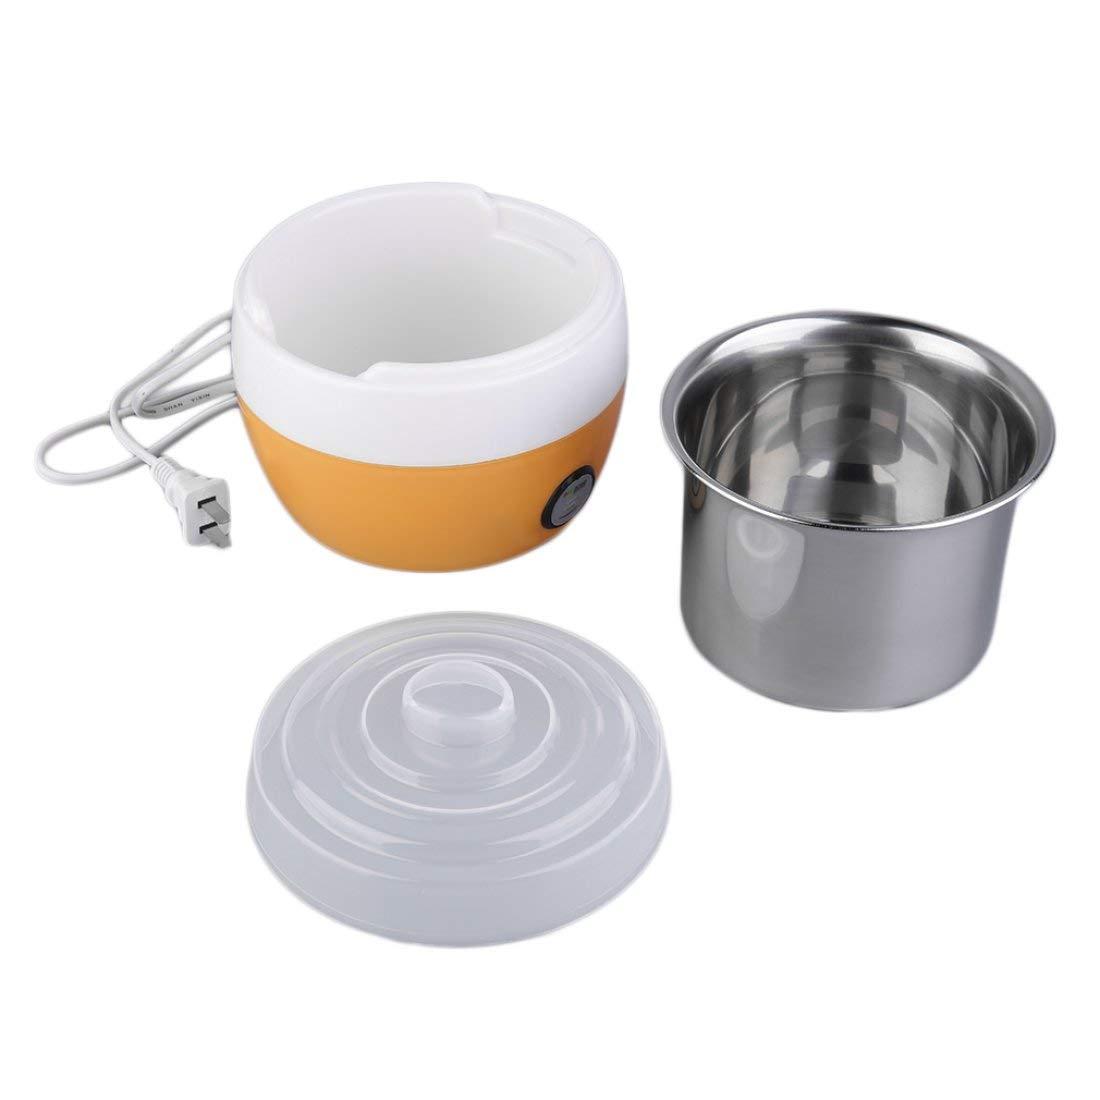 Formulauff yogurtiera in Acciaio Inossidabile bricolage contenente deliziosi Yogurt aromatizzare Il Vostro Yogurt Fatto in casa a Vostro Gusto Arancione